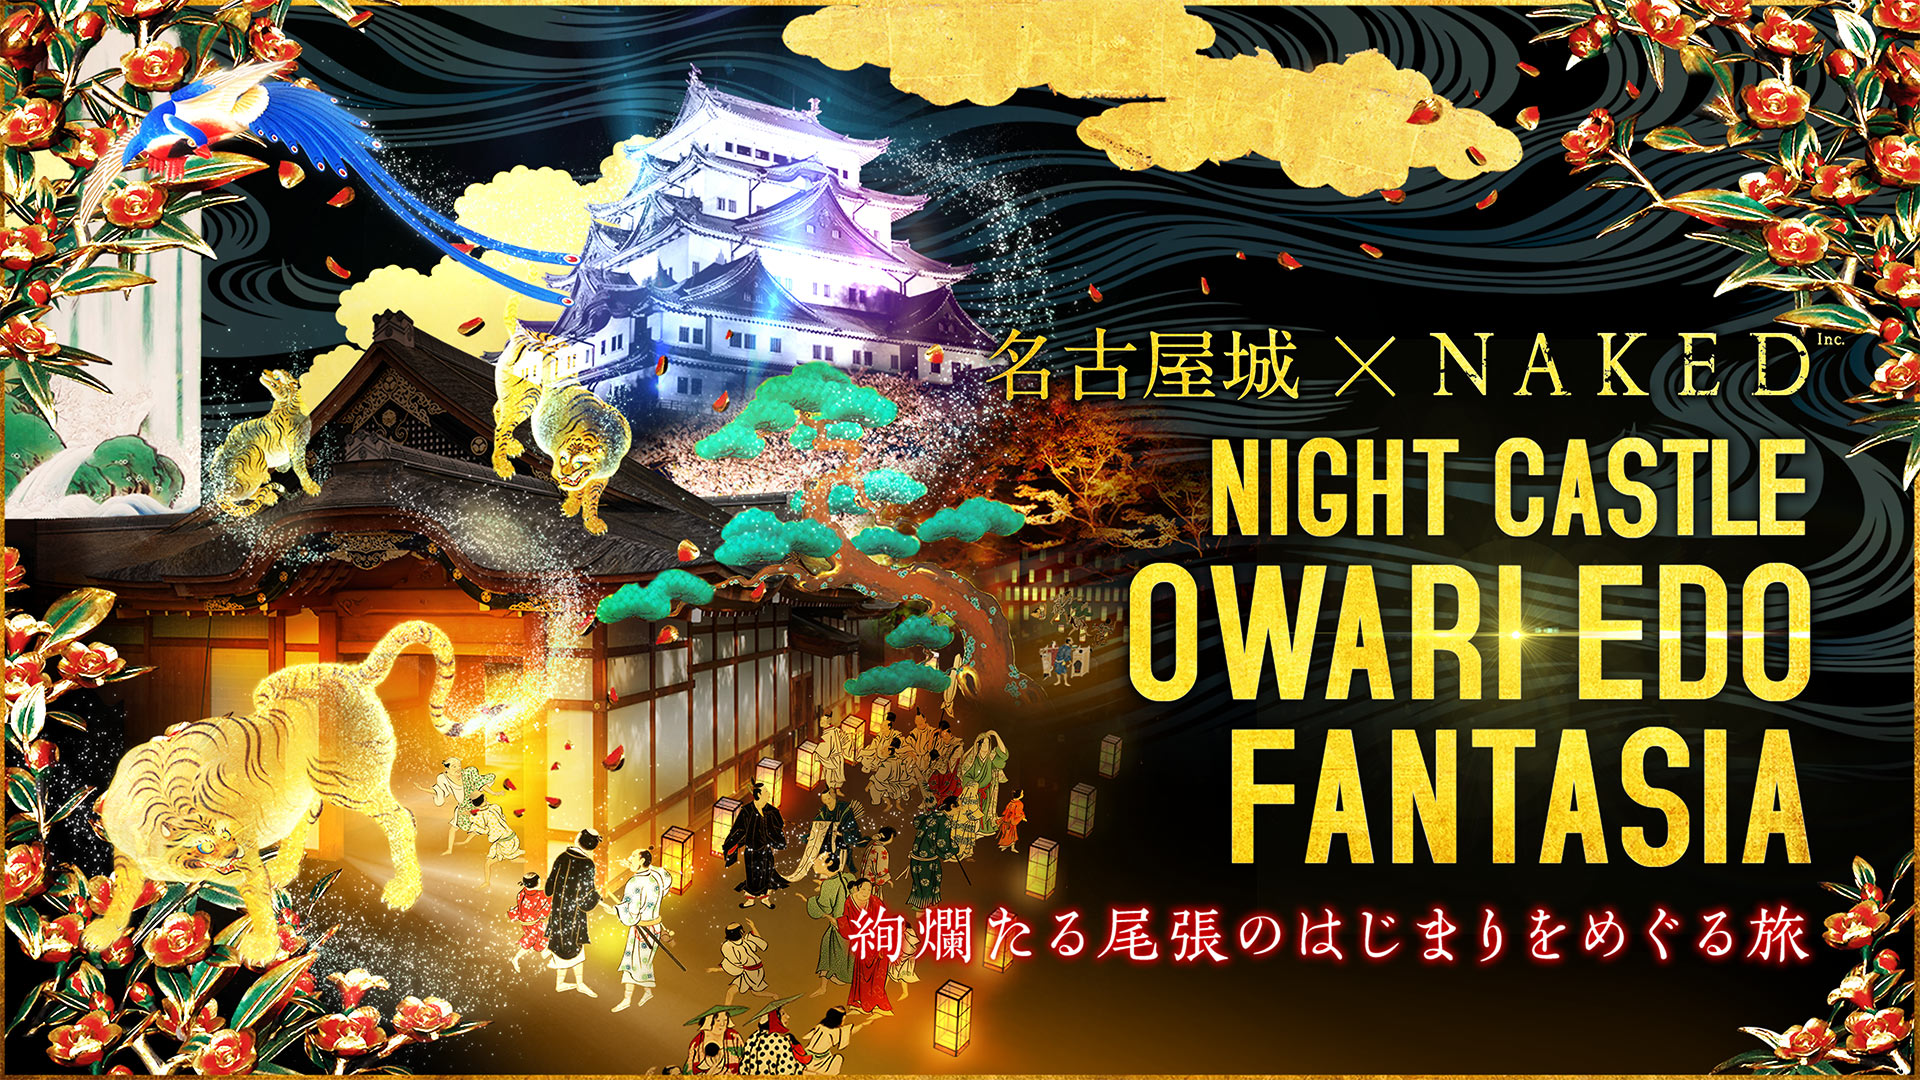 12月16日(日)まで、「名古屋城×NAKED」魅惑の夜景イベントを満喫してきた - fbb051a80ae60b5cc3825cfcf9c3ef8d